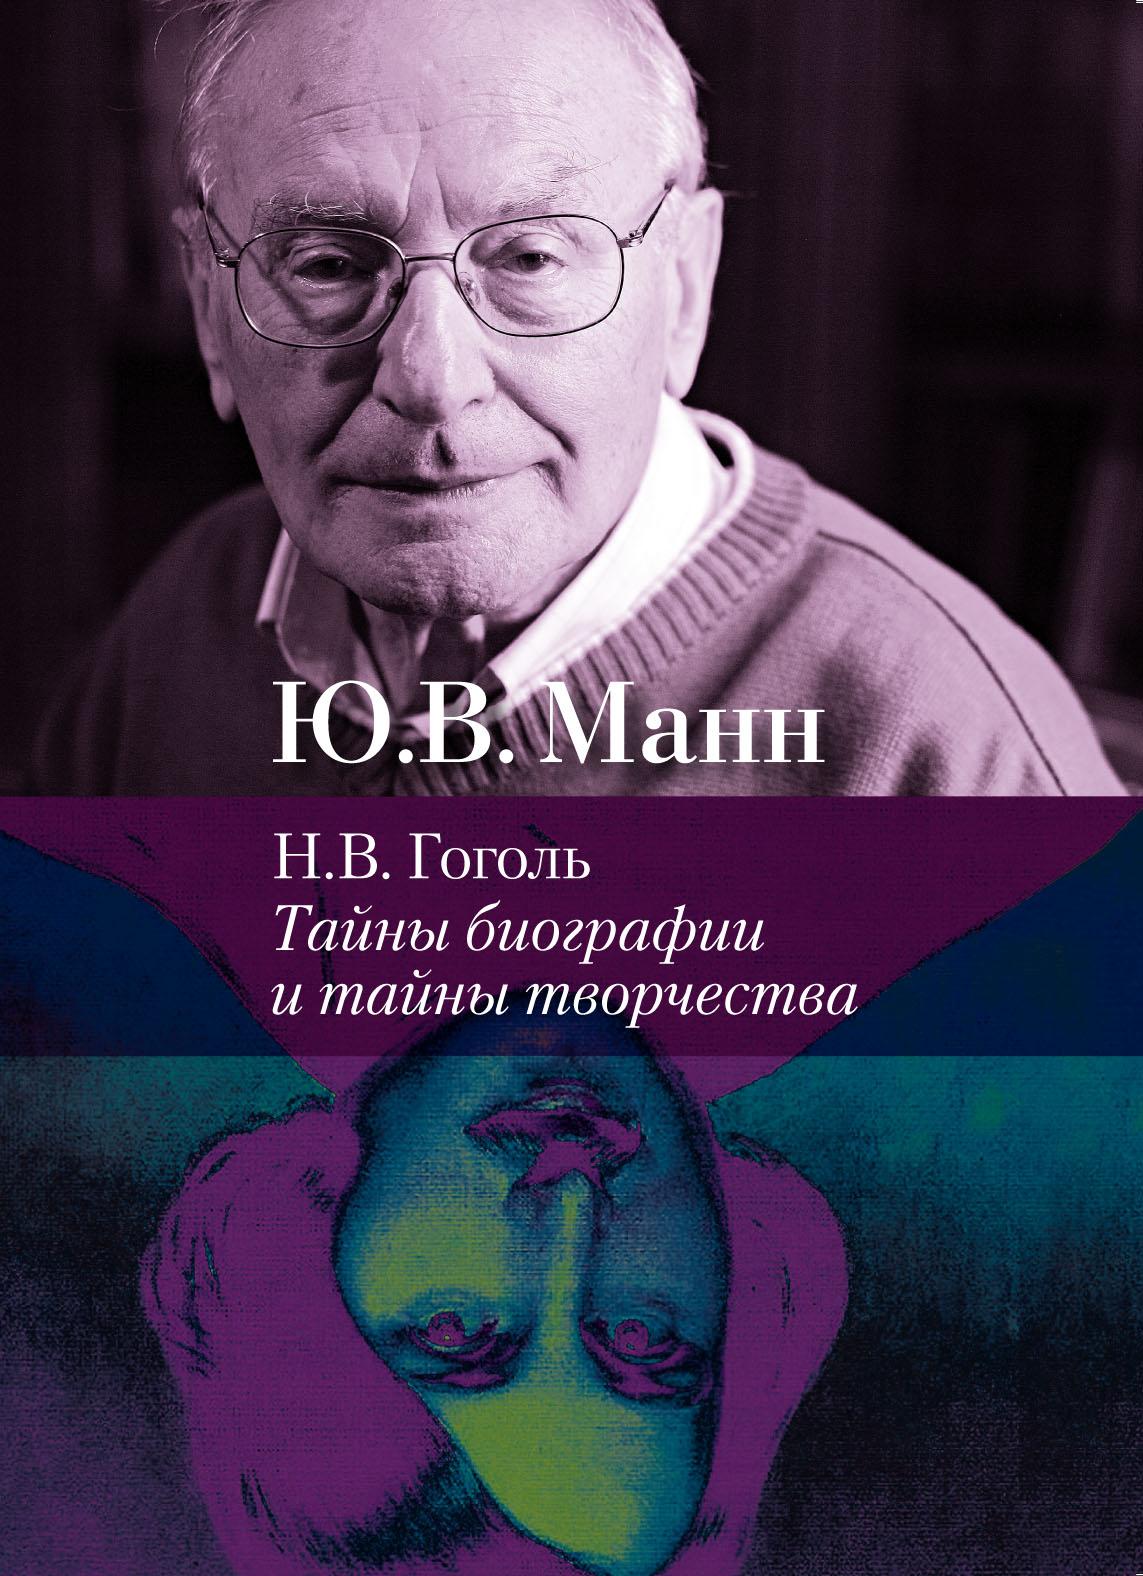 Юрий Манн Н. В. Гоголь. Тайны биографии и тайны творчества